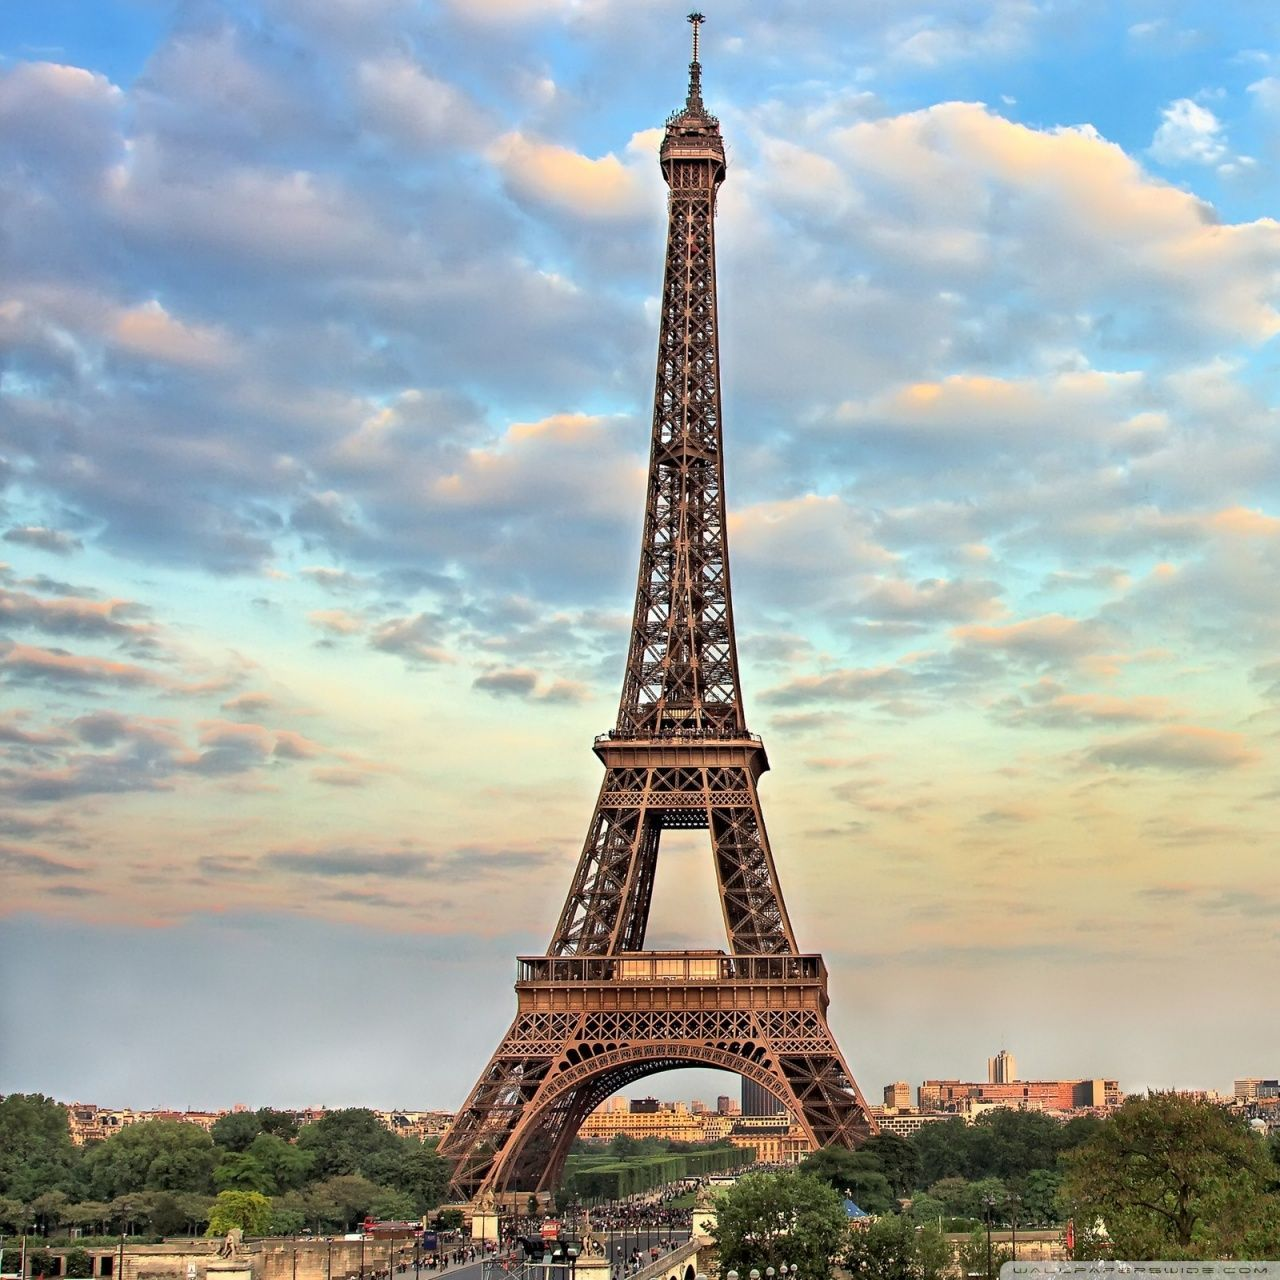 Paris France Landscape Desktop Wallpapers Top Free Paris France Landscape Desktop Backgrounds Wallpaperaccess